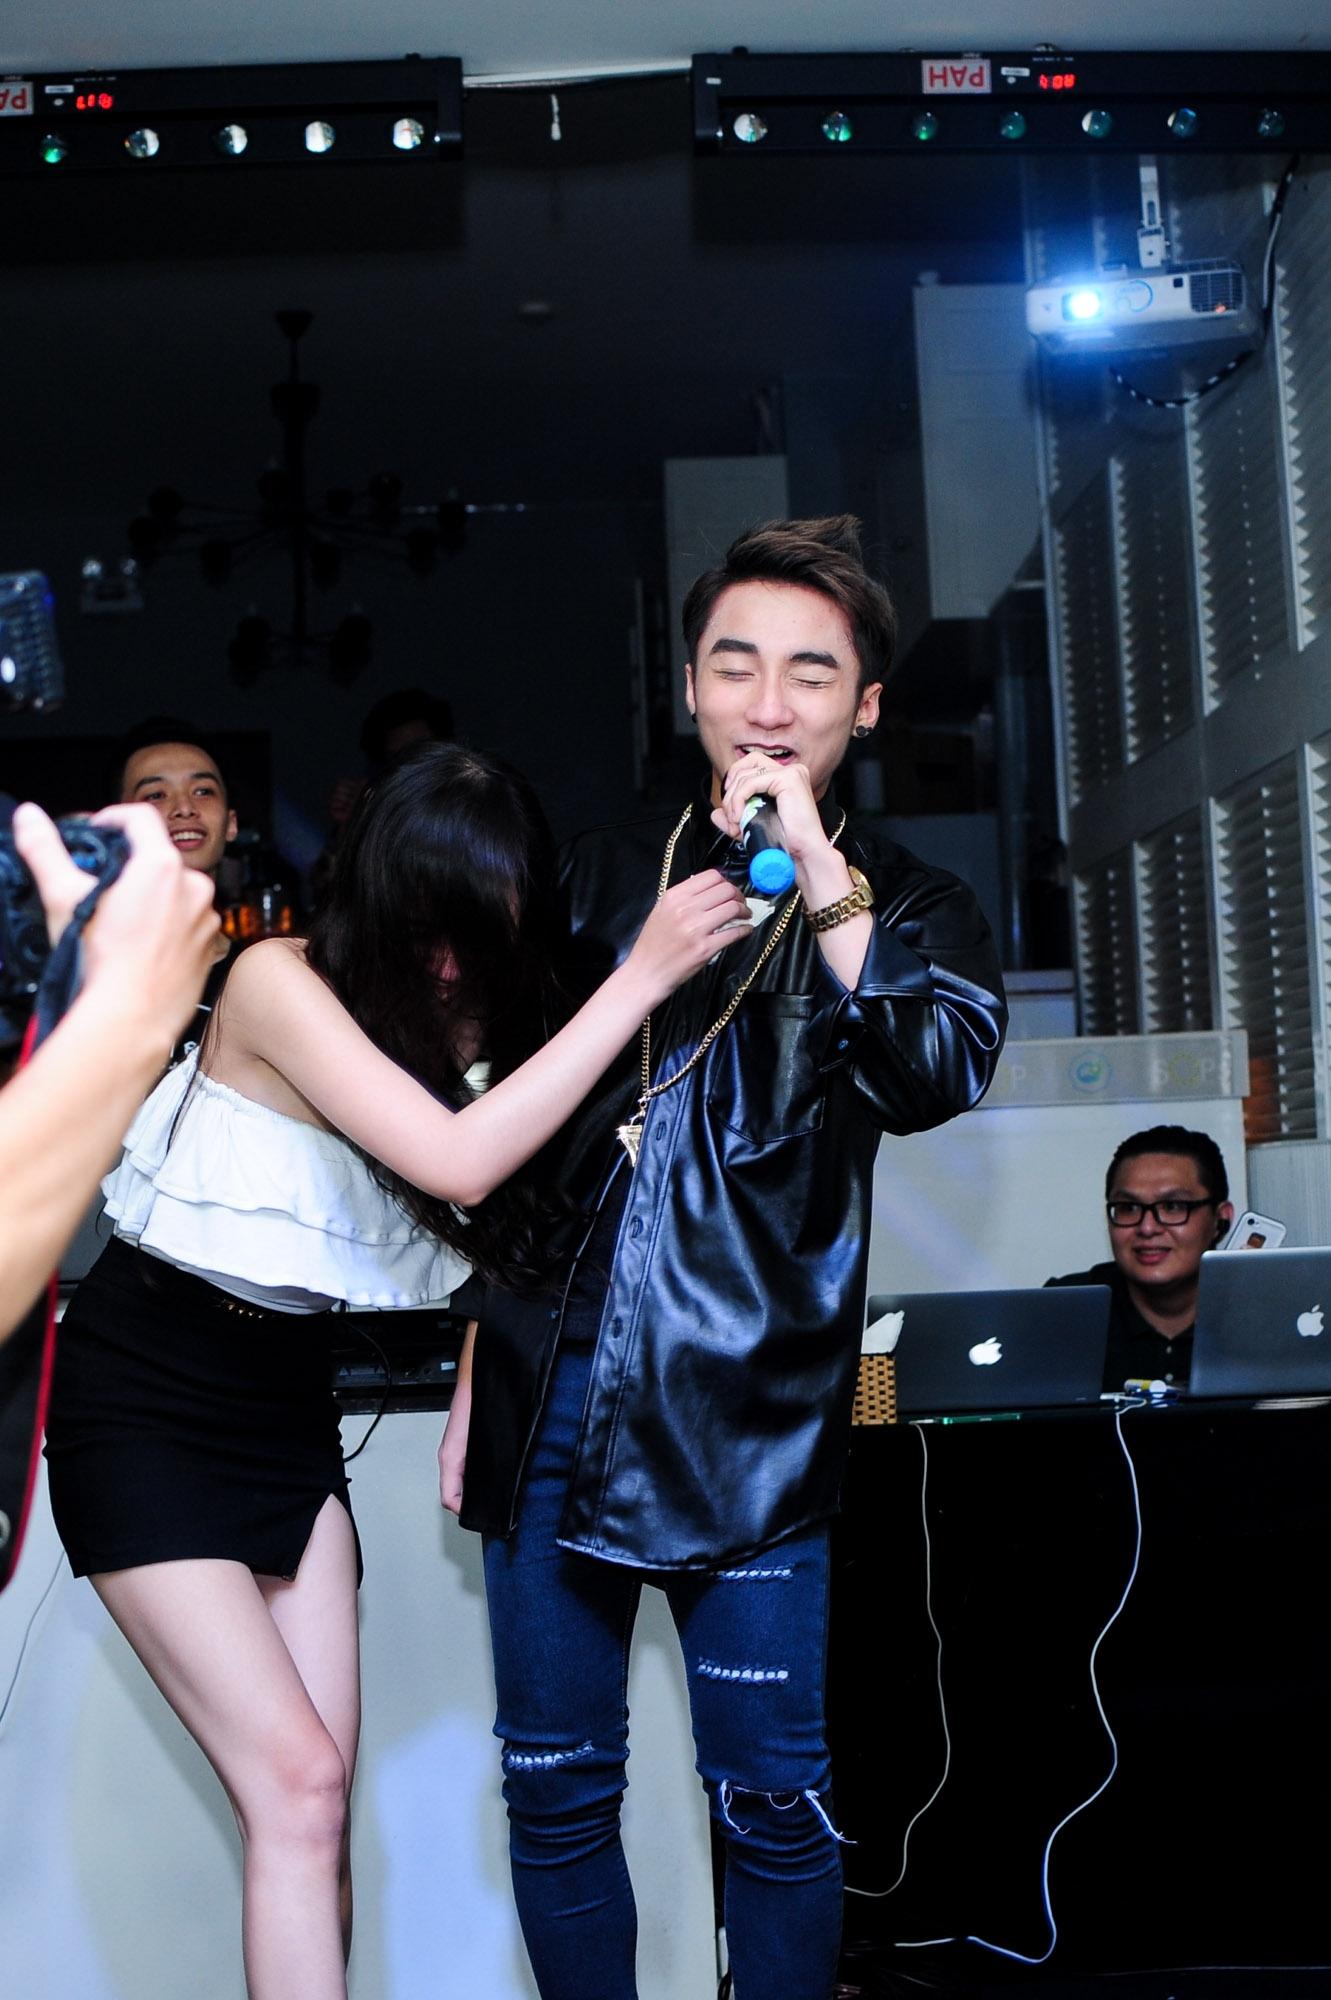 Trong lúc Sơn Tùng trình diễn Em của ngày hôm qua thì bất ngờ có một fan nữ chạy lên sân khấu ôm hôn anh chàng, khiến Sơn Tùng cười tít mắt vì bất ngờ.